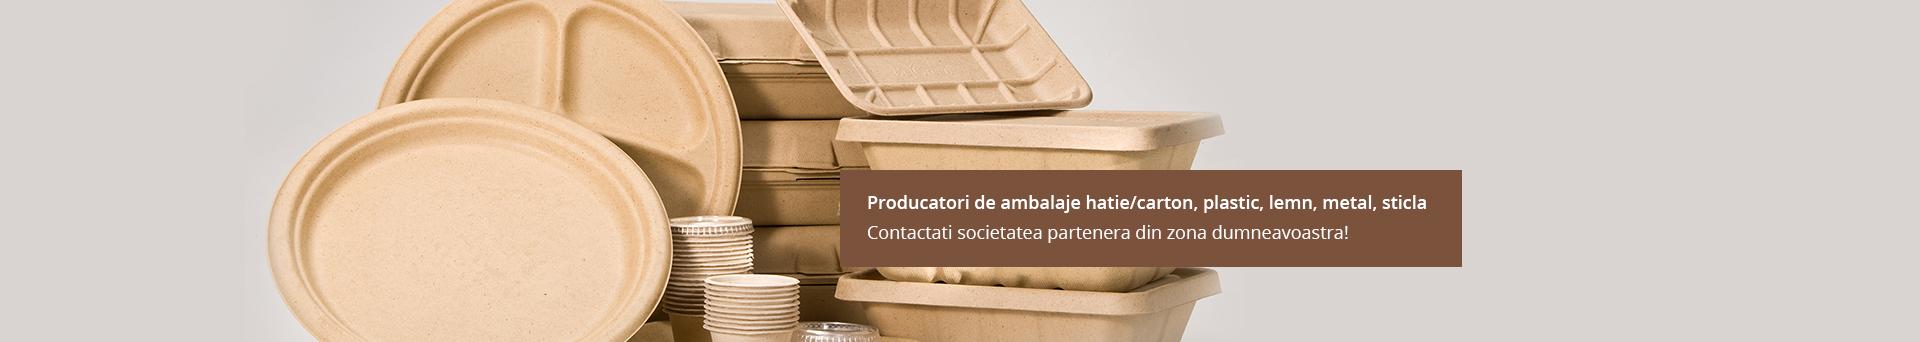 Producatori Ambalaje